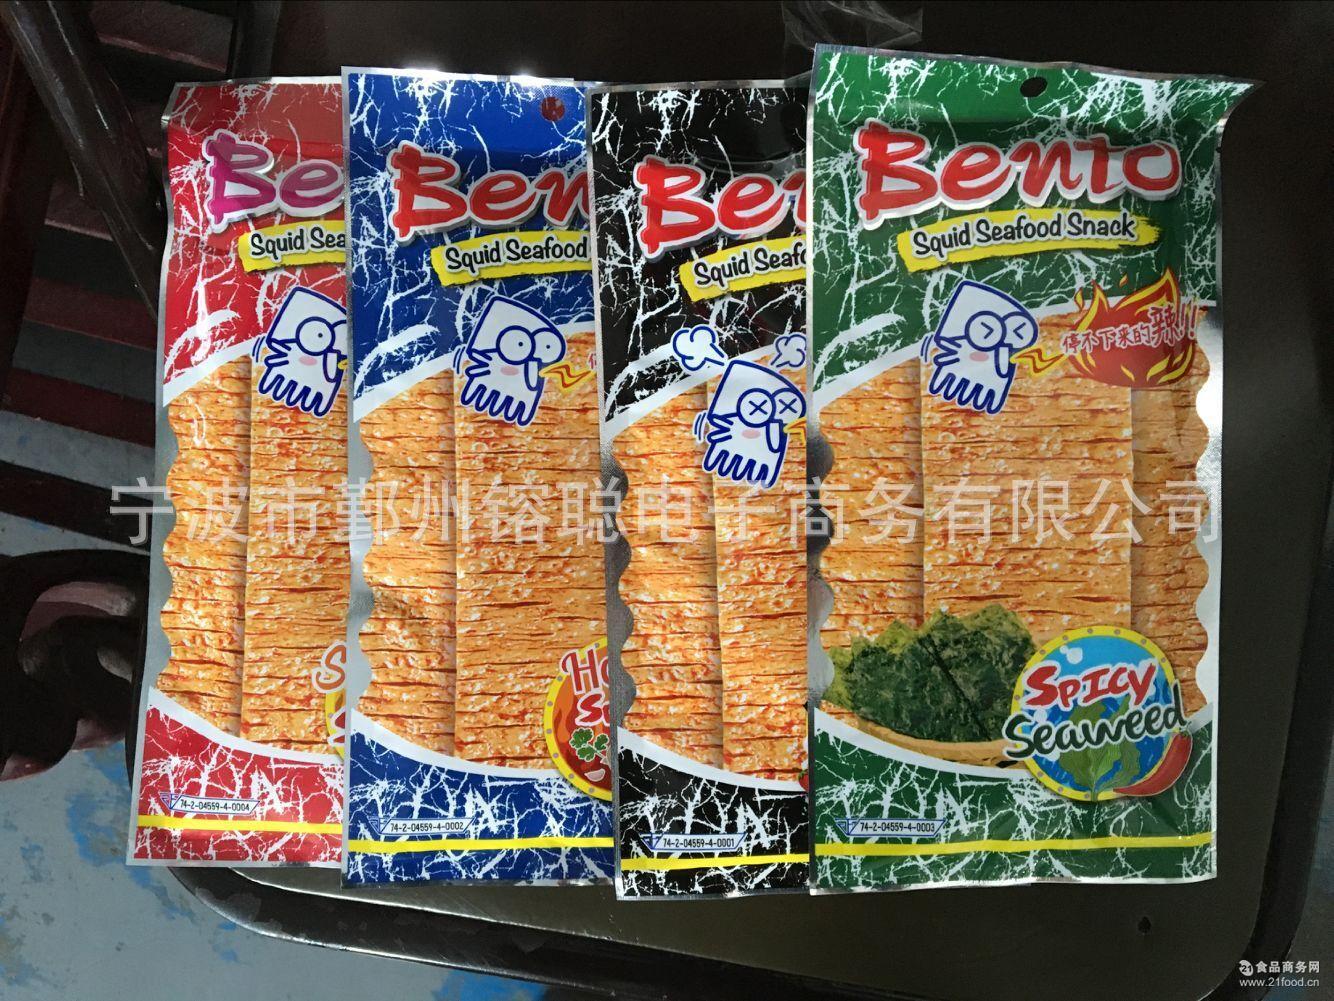 微辣味 鱿鱼片 滨涛bento超味鱿鱼干 泰国进口食品批发 20g